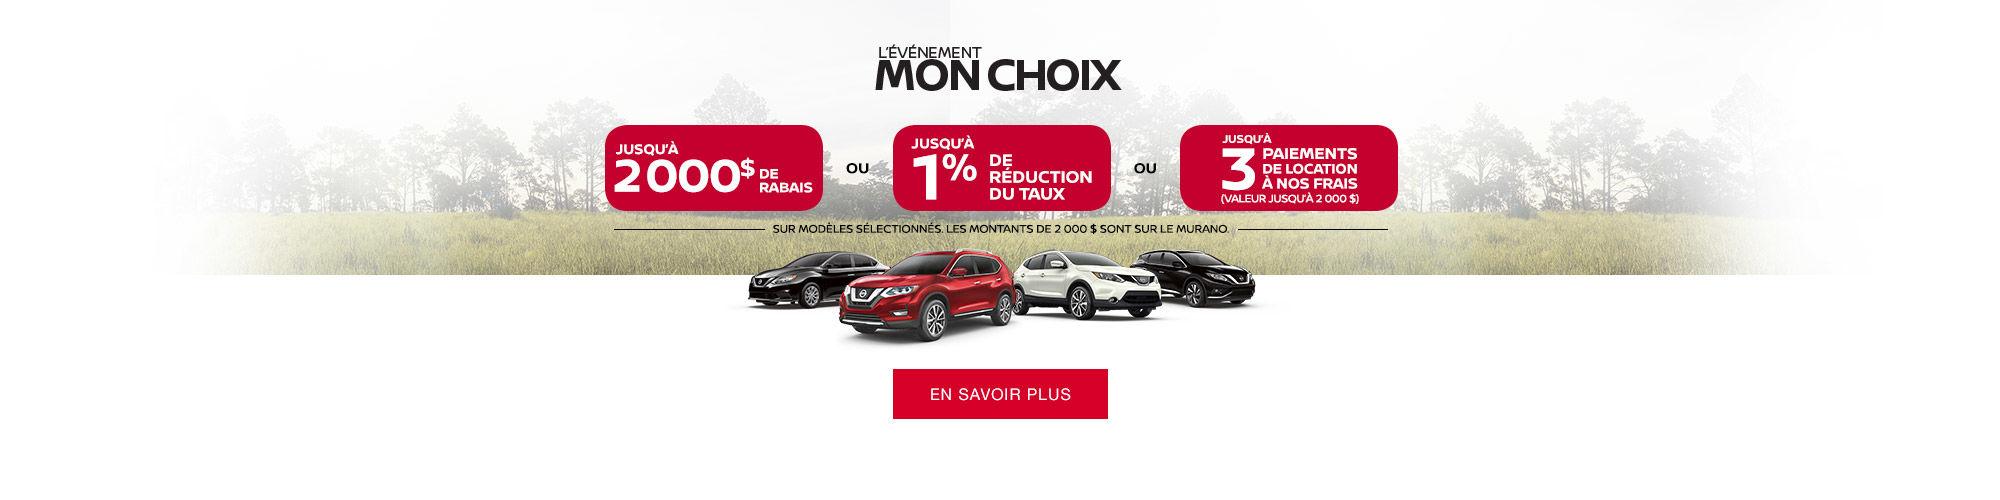 Nissan Mon choix